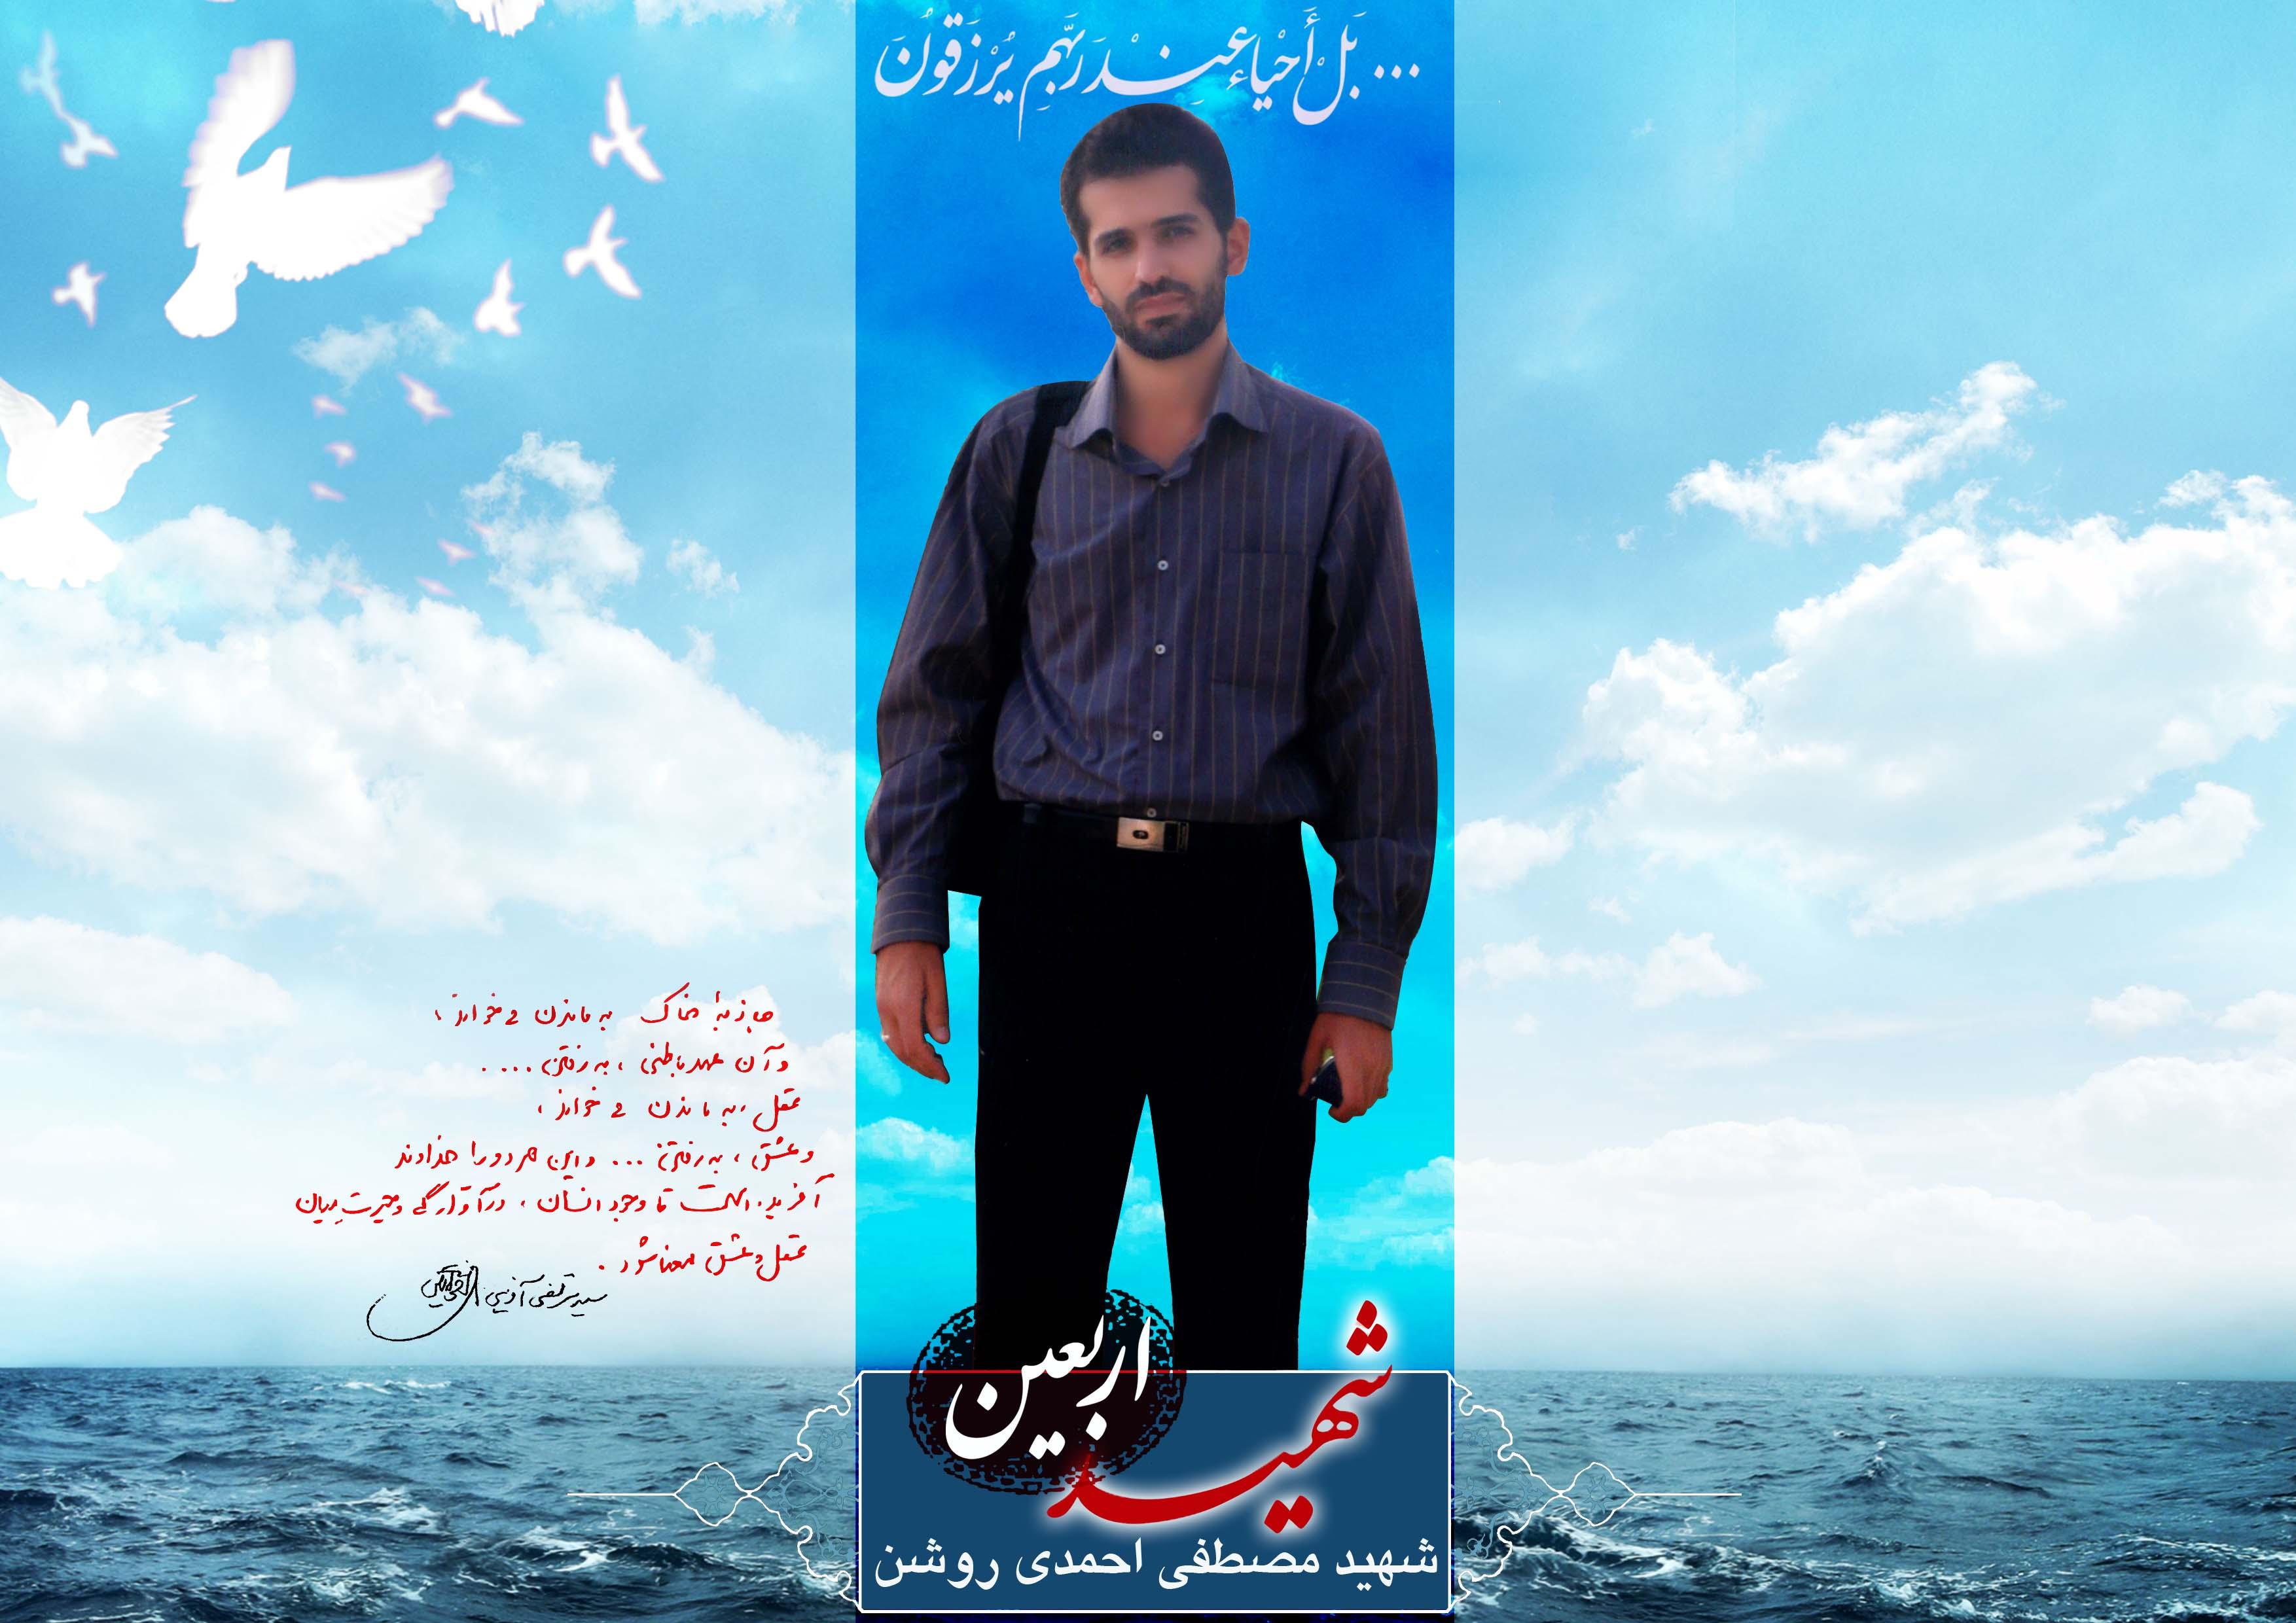 http://ghrostampour.persiangig.com/image/shahid5.JPG